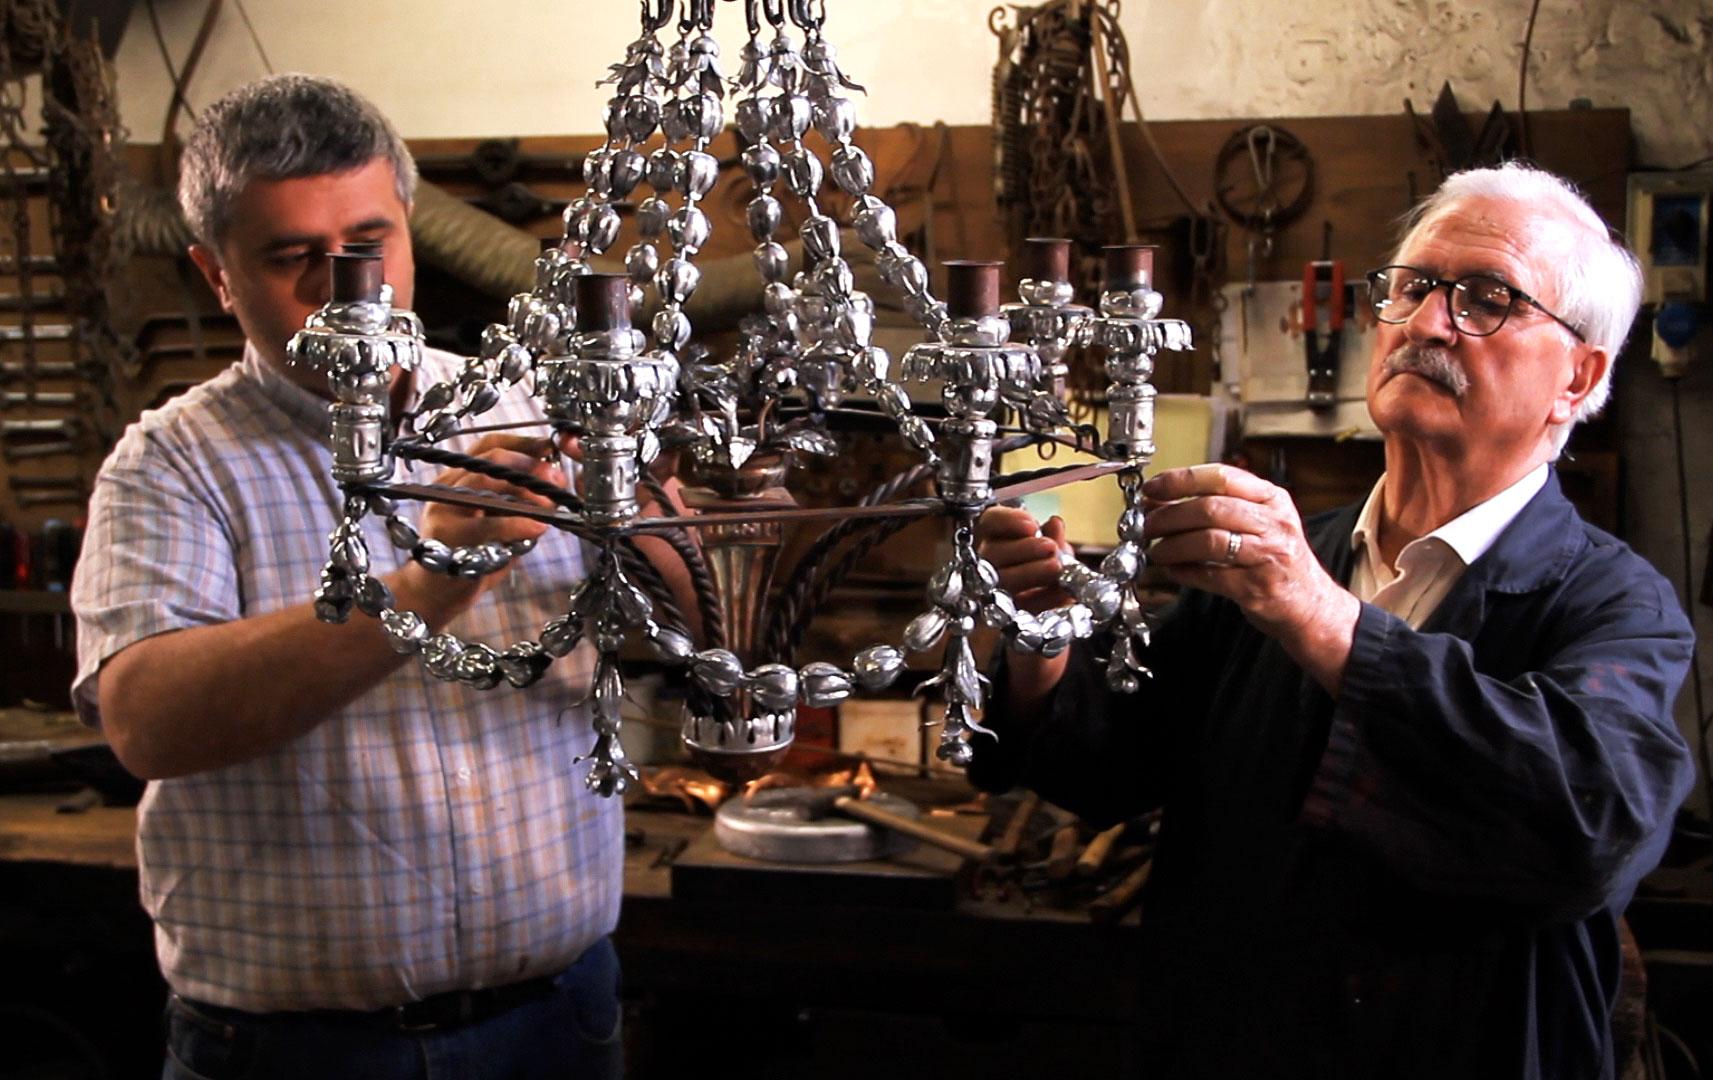 Enrico-e-armando-vocaturi-nella-bottega-del-ferro-opere-principali